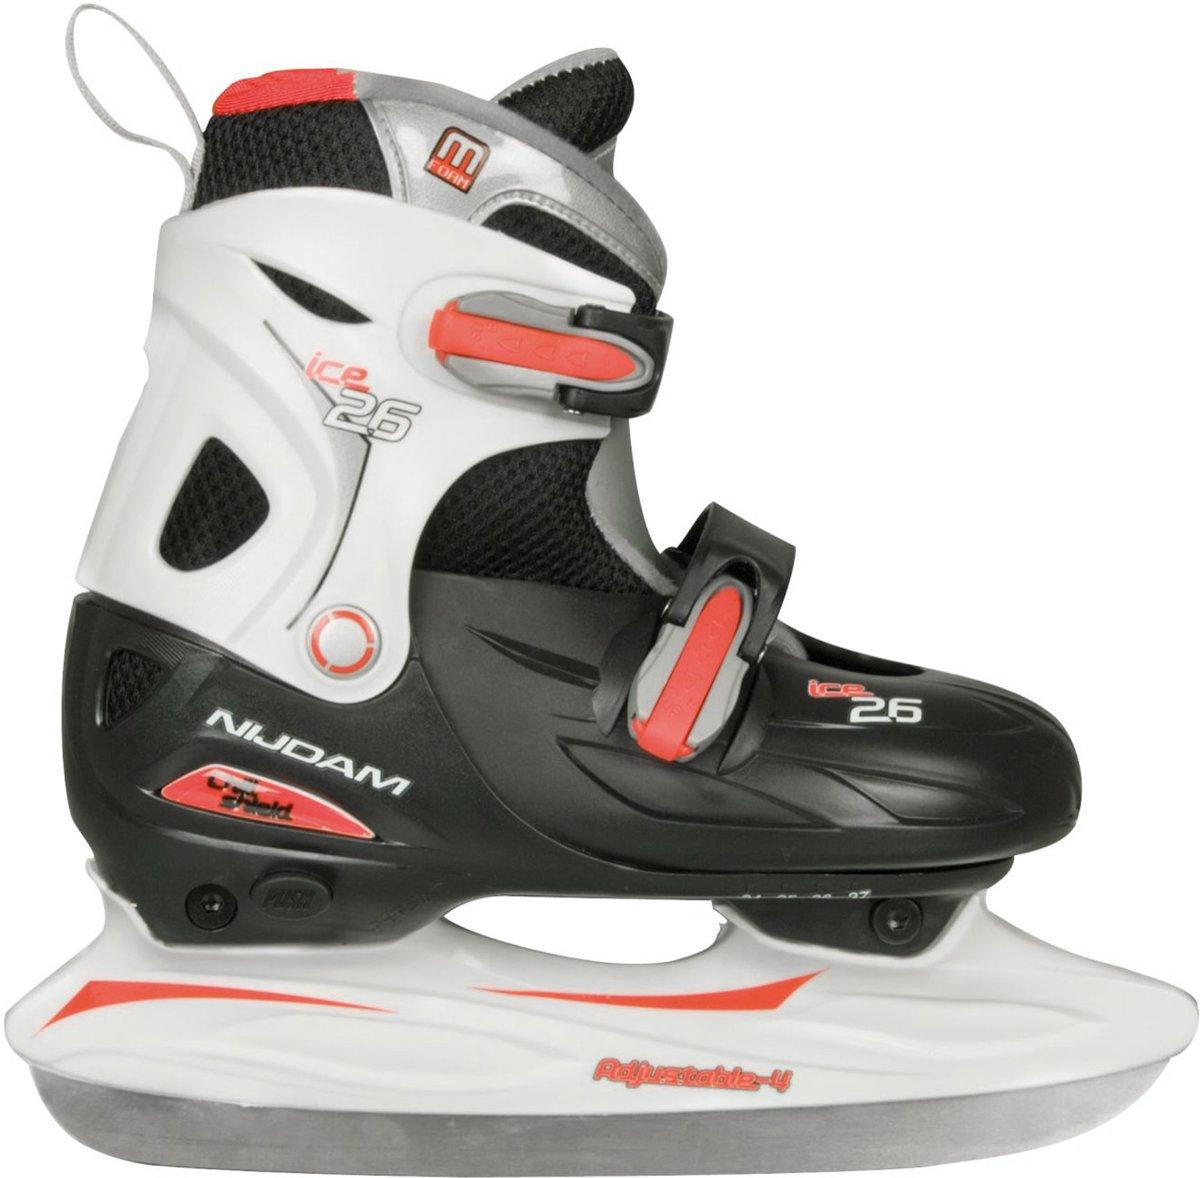 Nijdam 0026 Junior IJshockeyschaats - Verstelbaar - Hardboot - Zwart/Wit - Maat 34-37